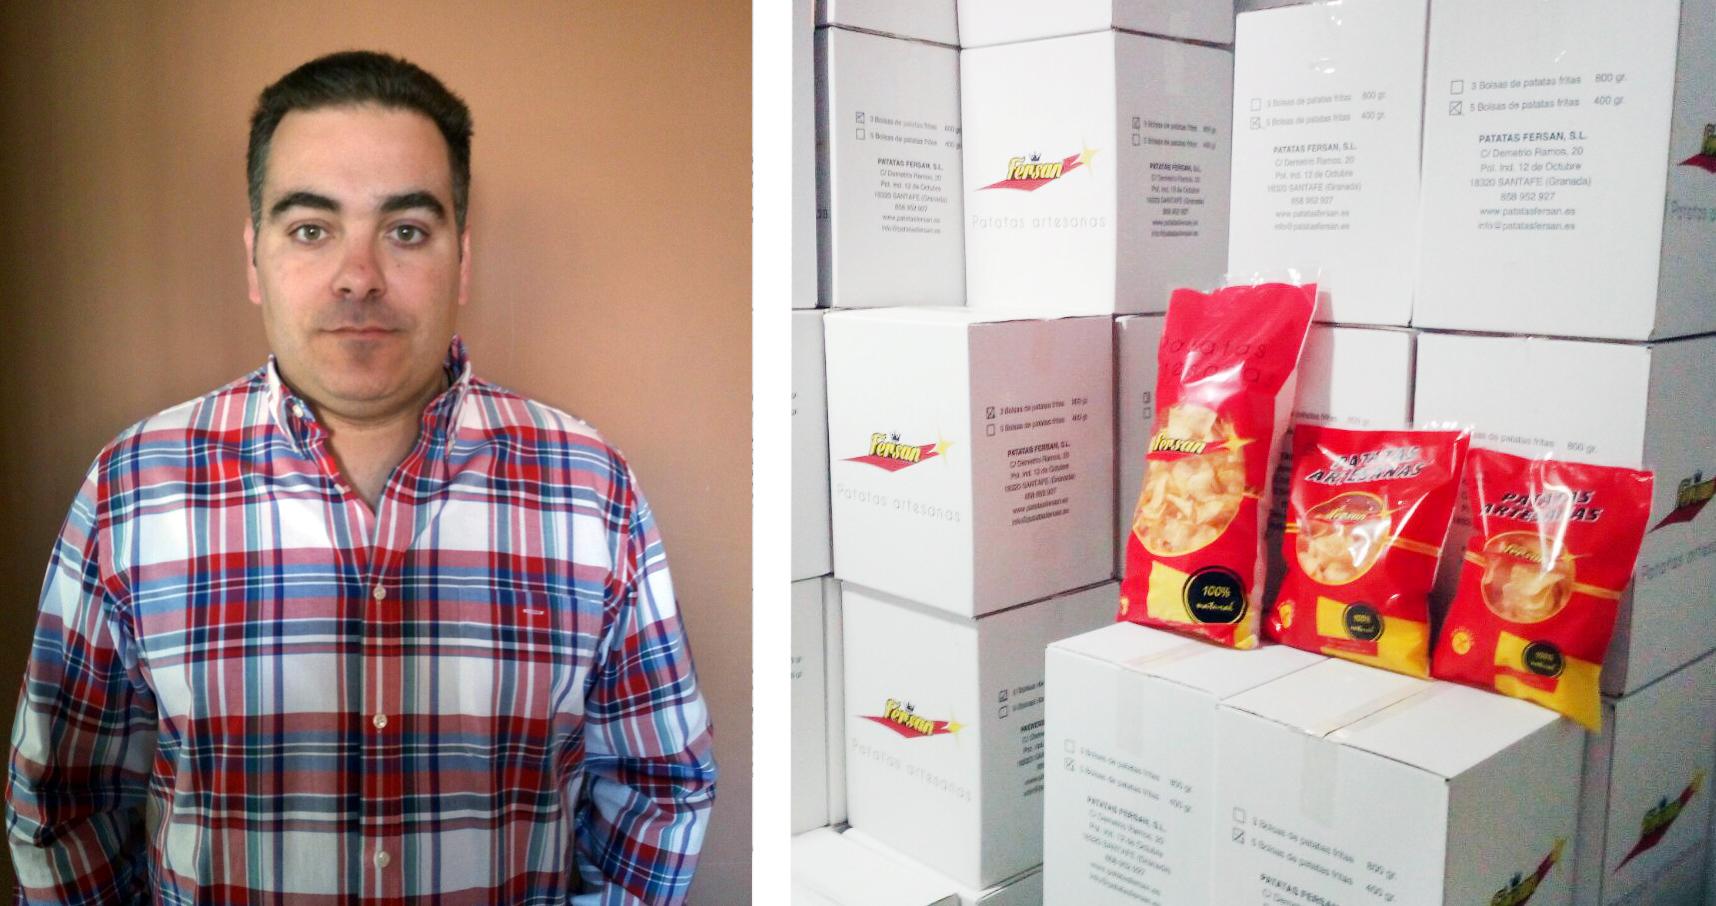 binomio-patatas-fersan-sigma-biotech-ha-dado-lugar-buen-producto-entrevista-raul-fernandez-gerente-patatas-fersan